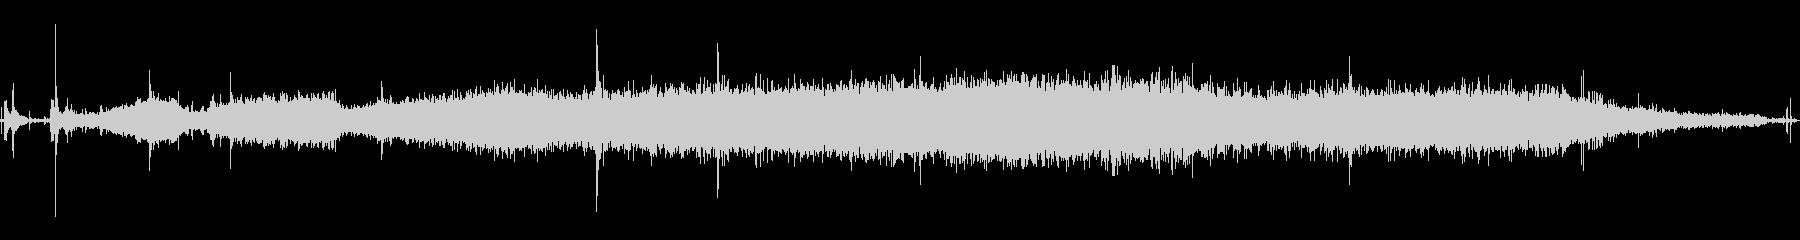 1934オーバーン850:インテリ...の未再生の波形